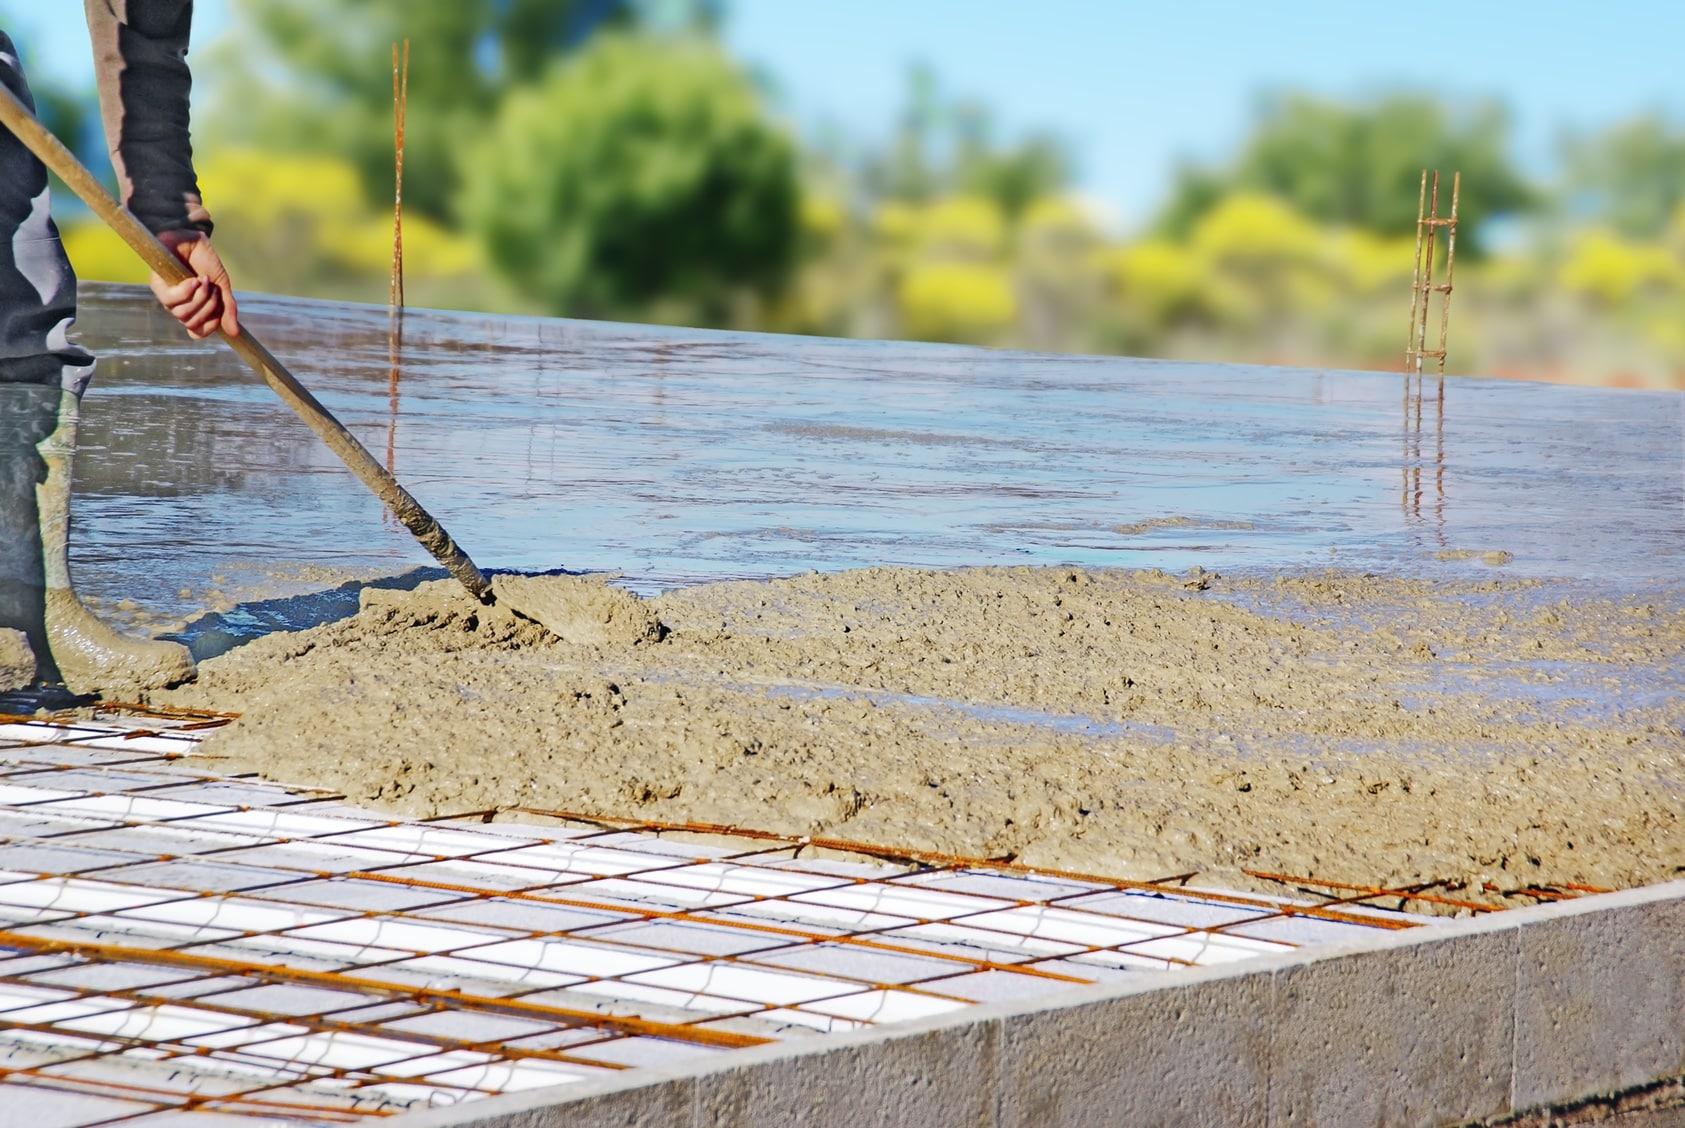 Comment Fabriquer Une Terrasse En Beton couler une dalle en béton étape par étape